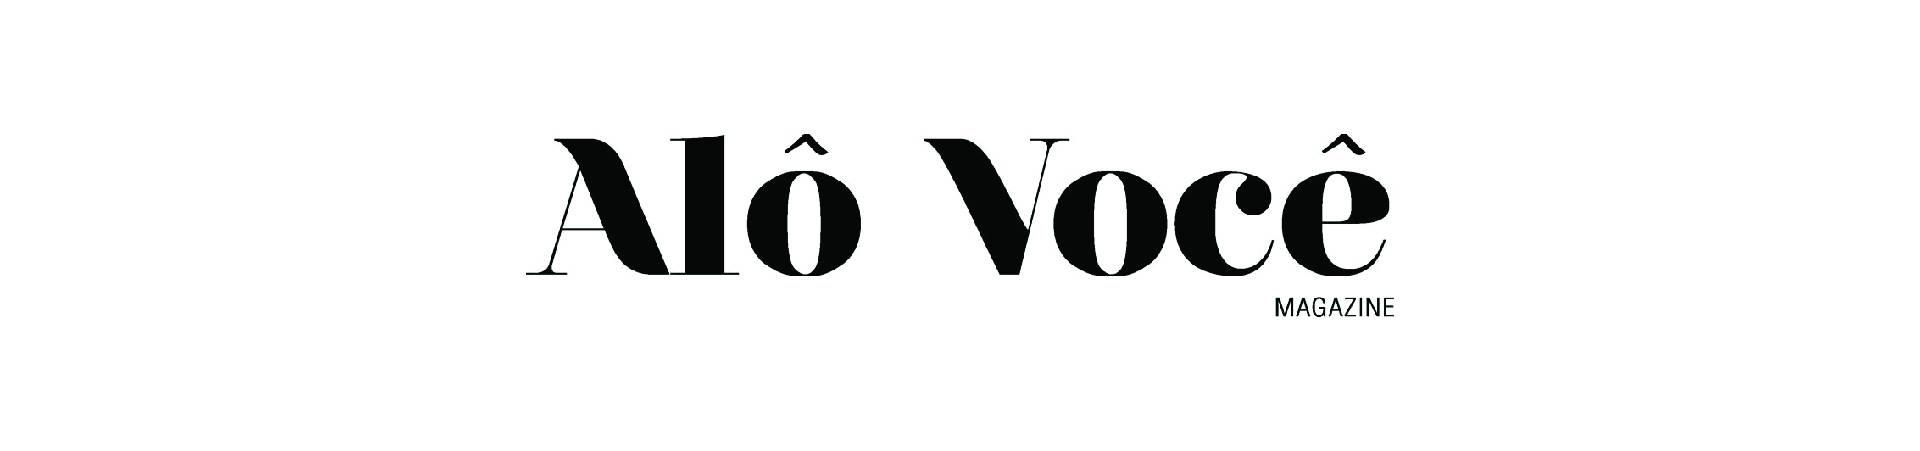 logos_19-3-03